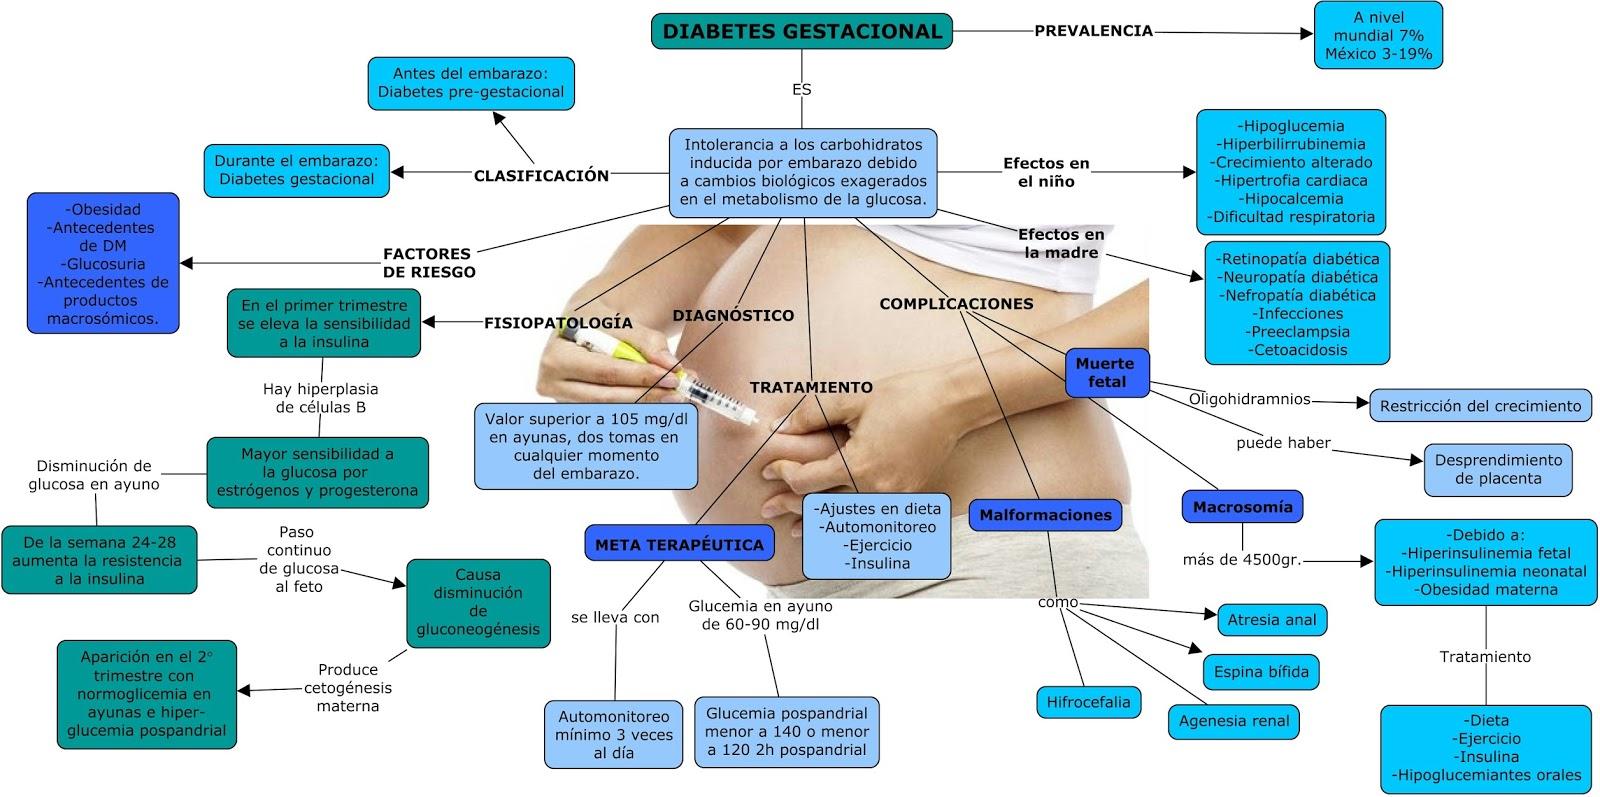 hiperinsulinemia y diabetes gestacional